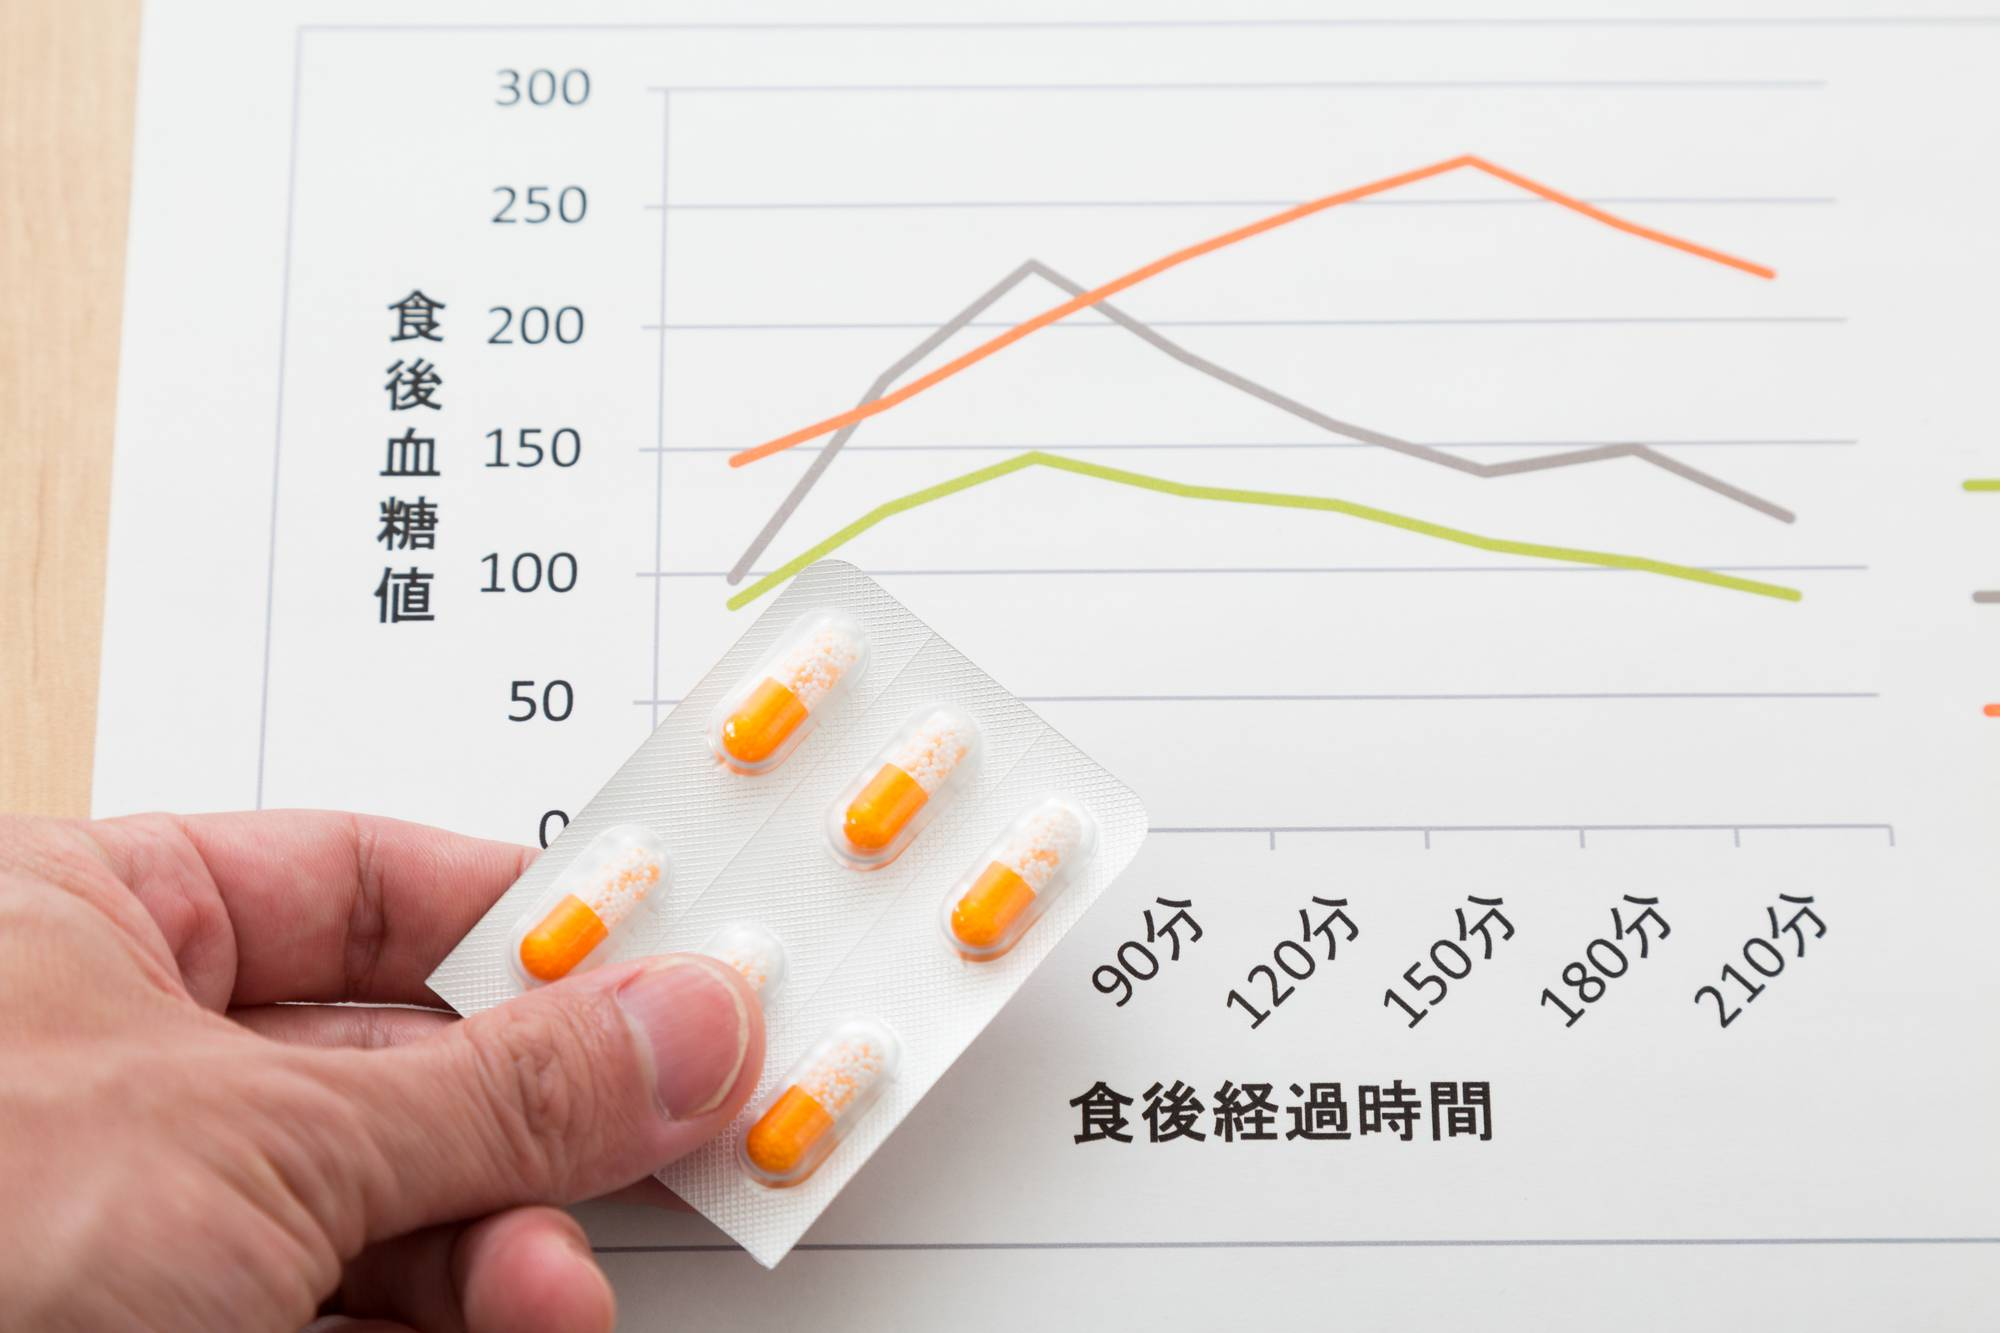 血糖値のグラフを見ながら治療薬を手にする糖尿病患者